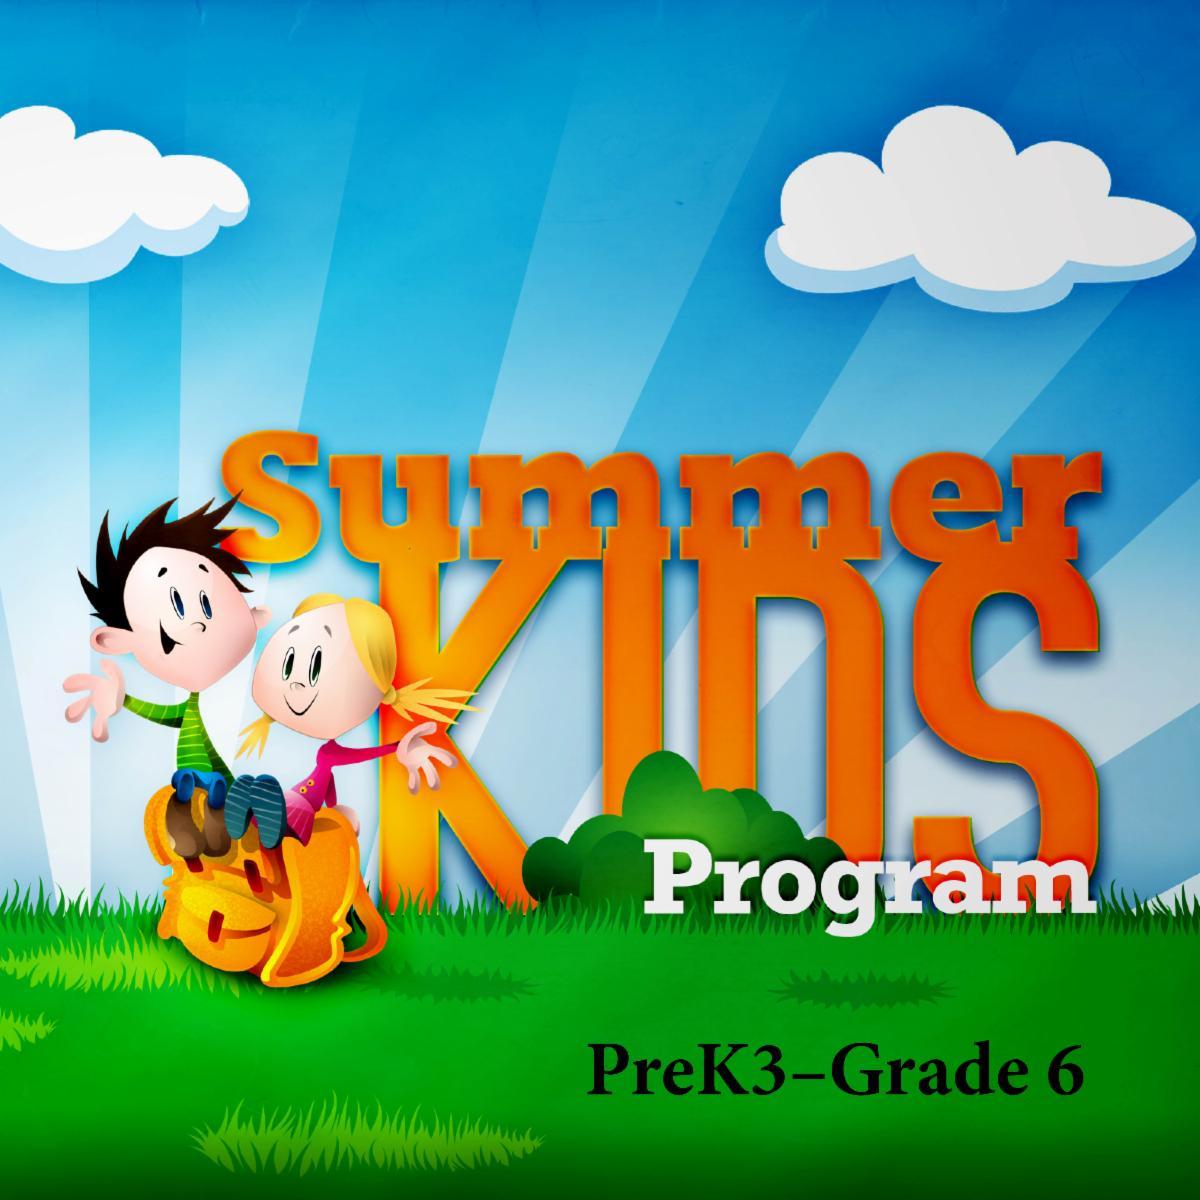 2021 Summer Children_s Programs.jpg